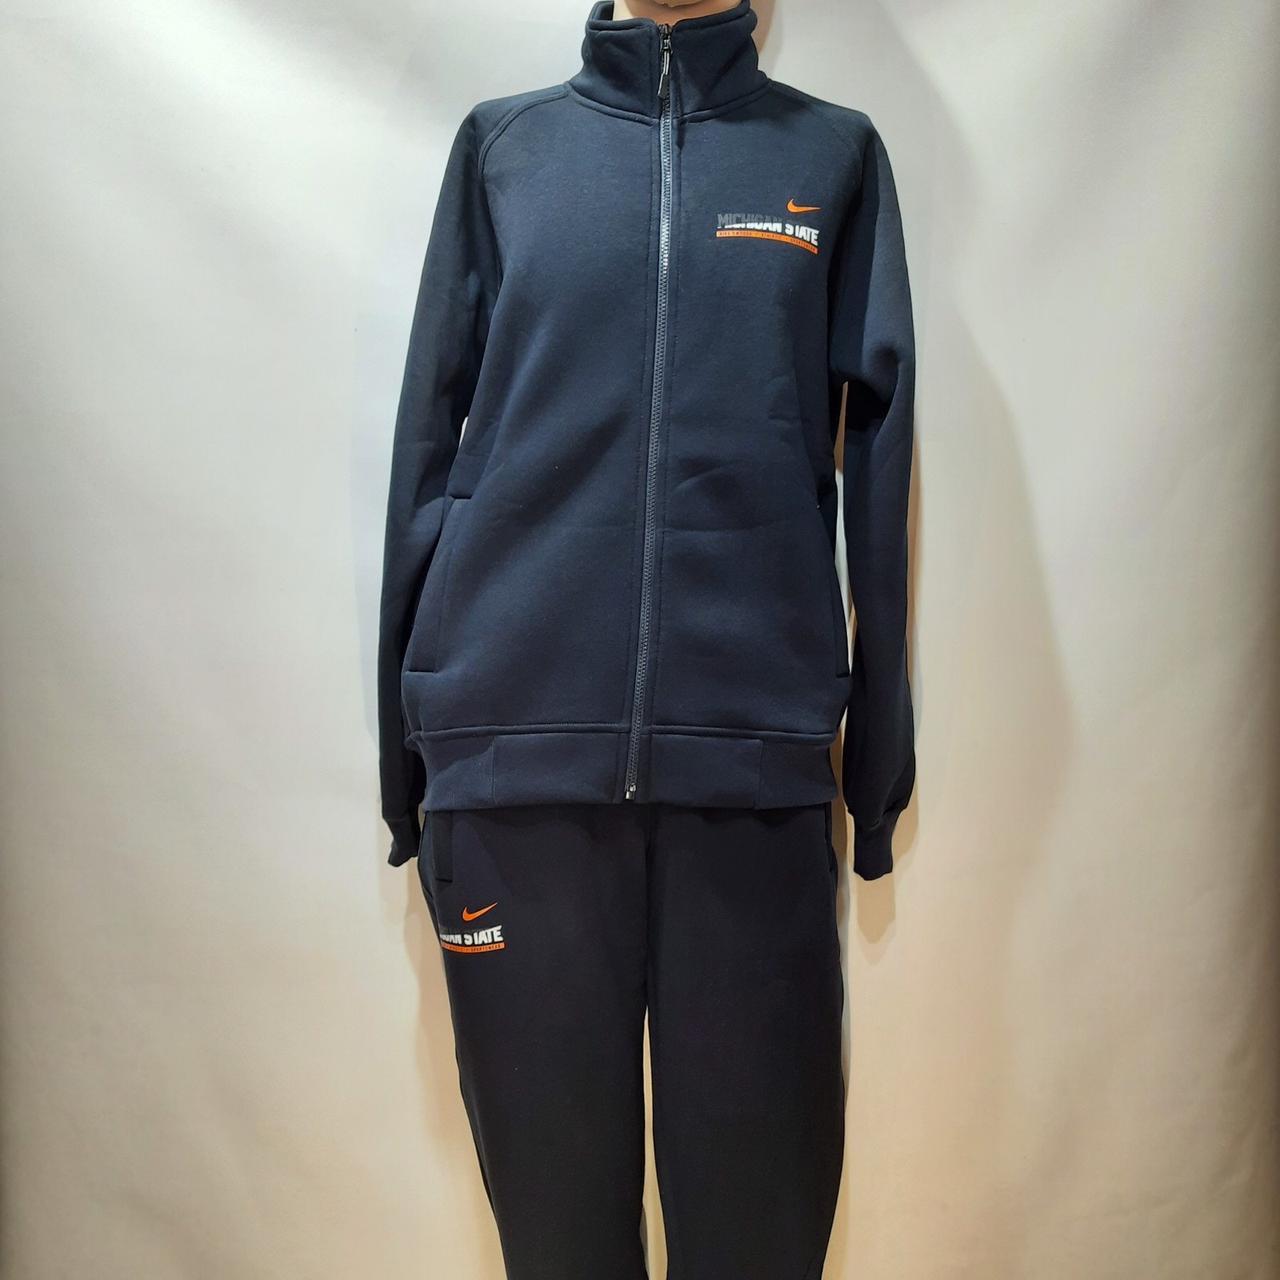 Теплый спортивный костюм (Больших размеров) на молнии из кашемира